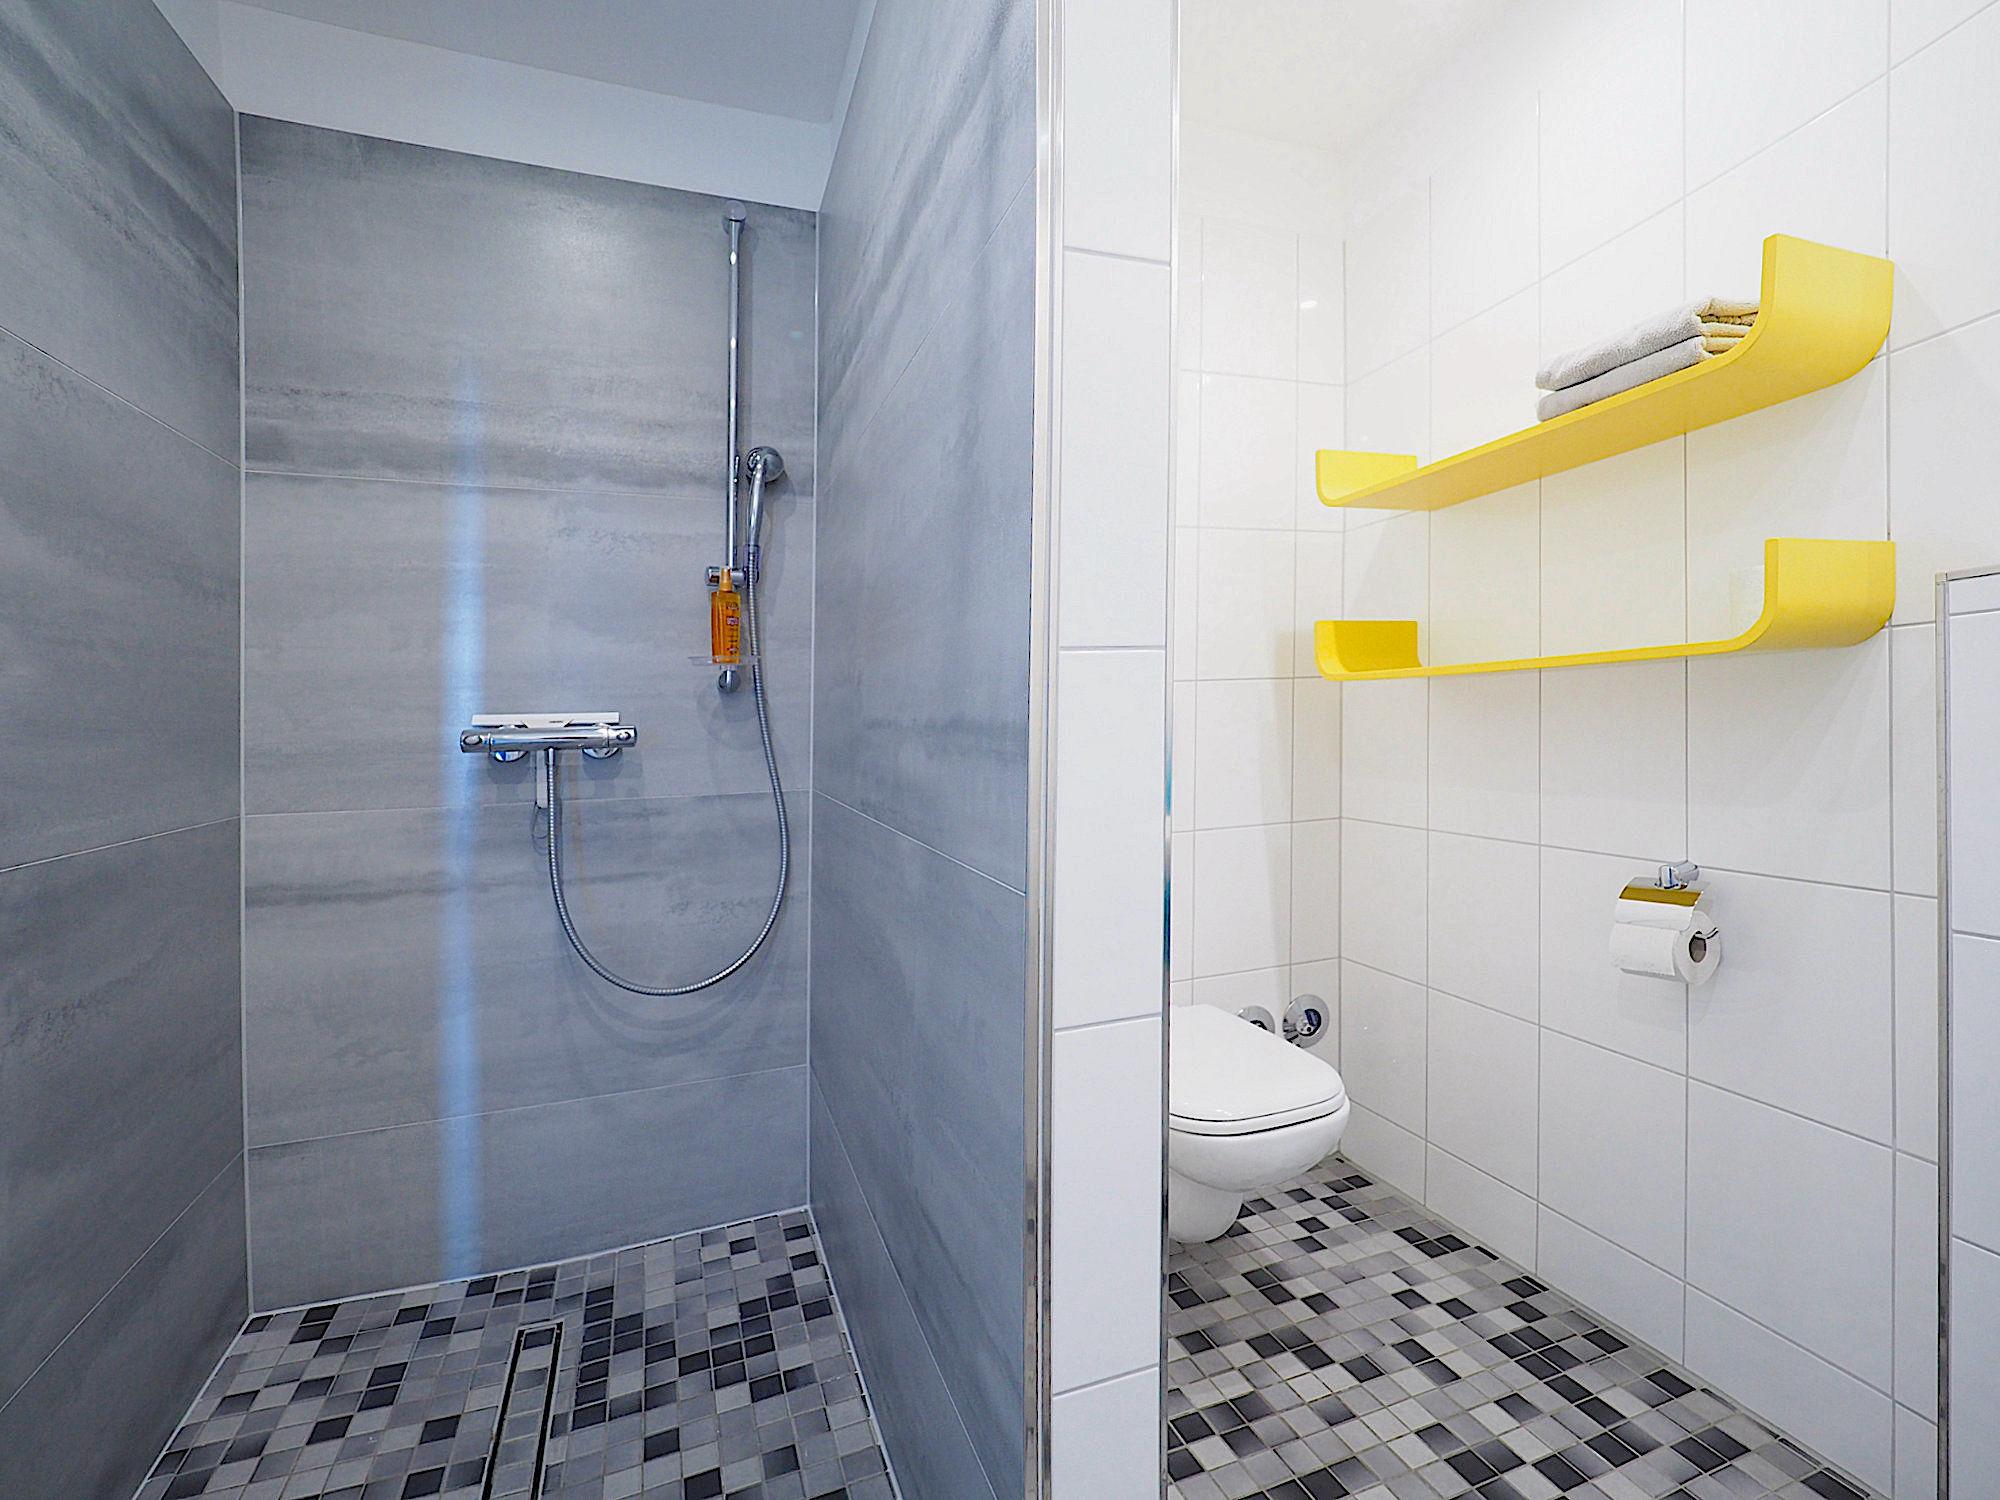 Duschbad  mit bodentiefer Dusche, WC und 2 Regalen